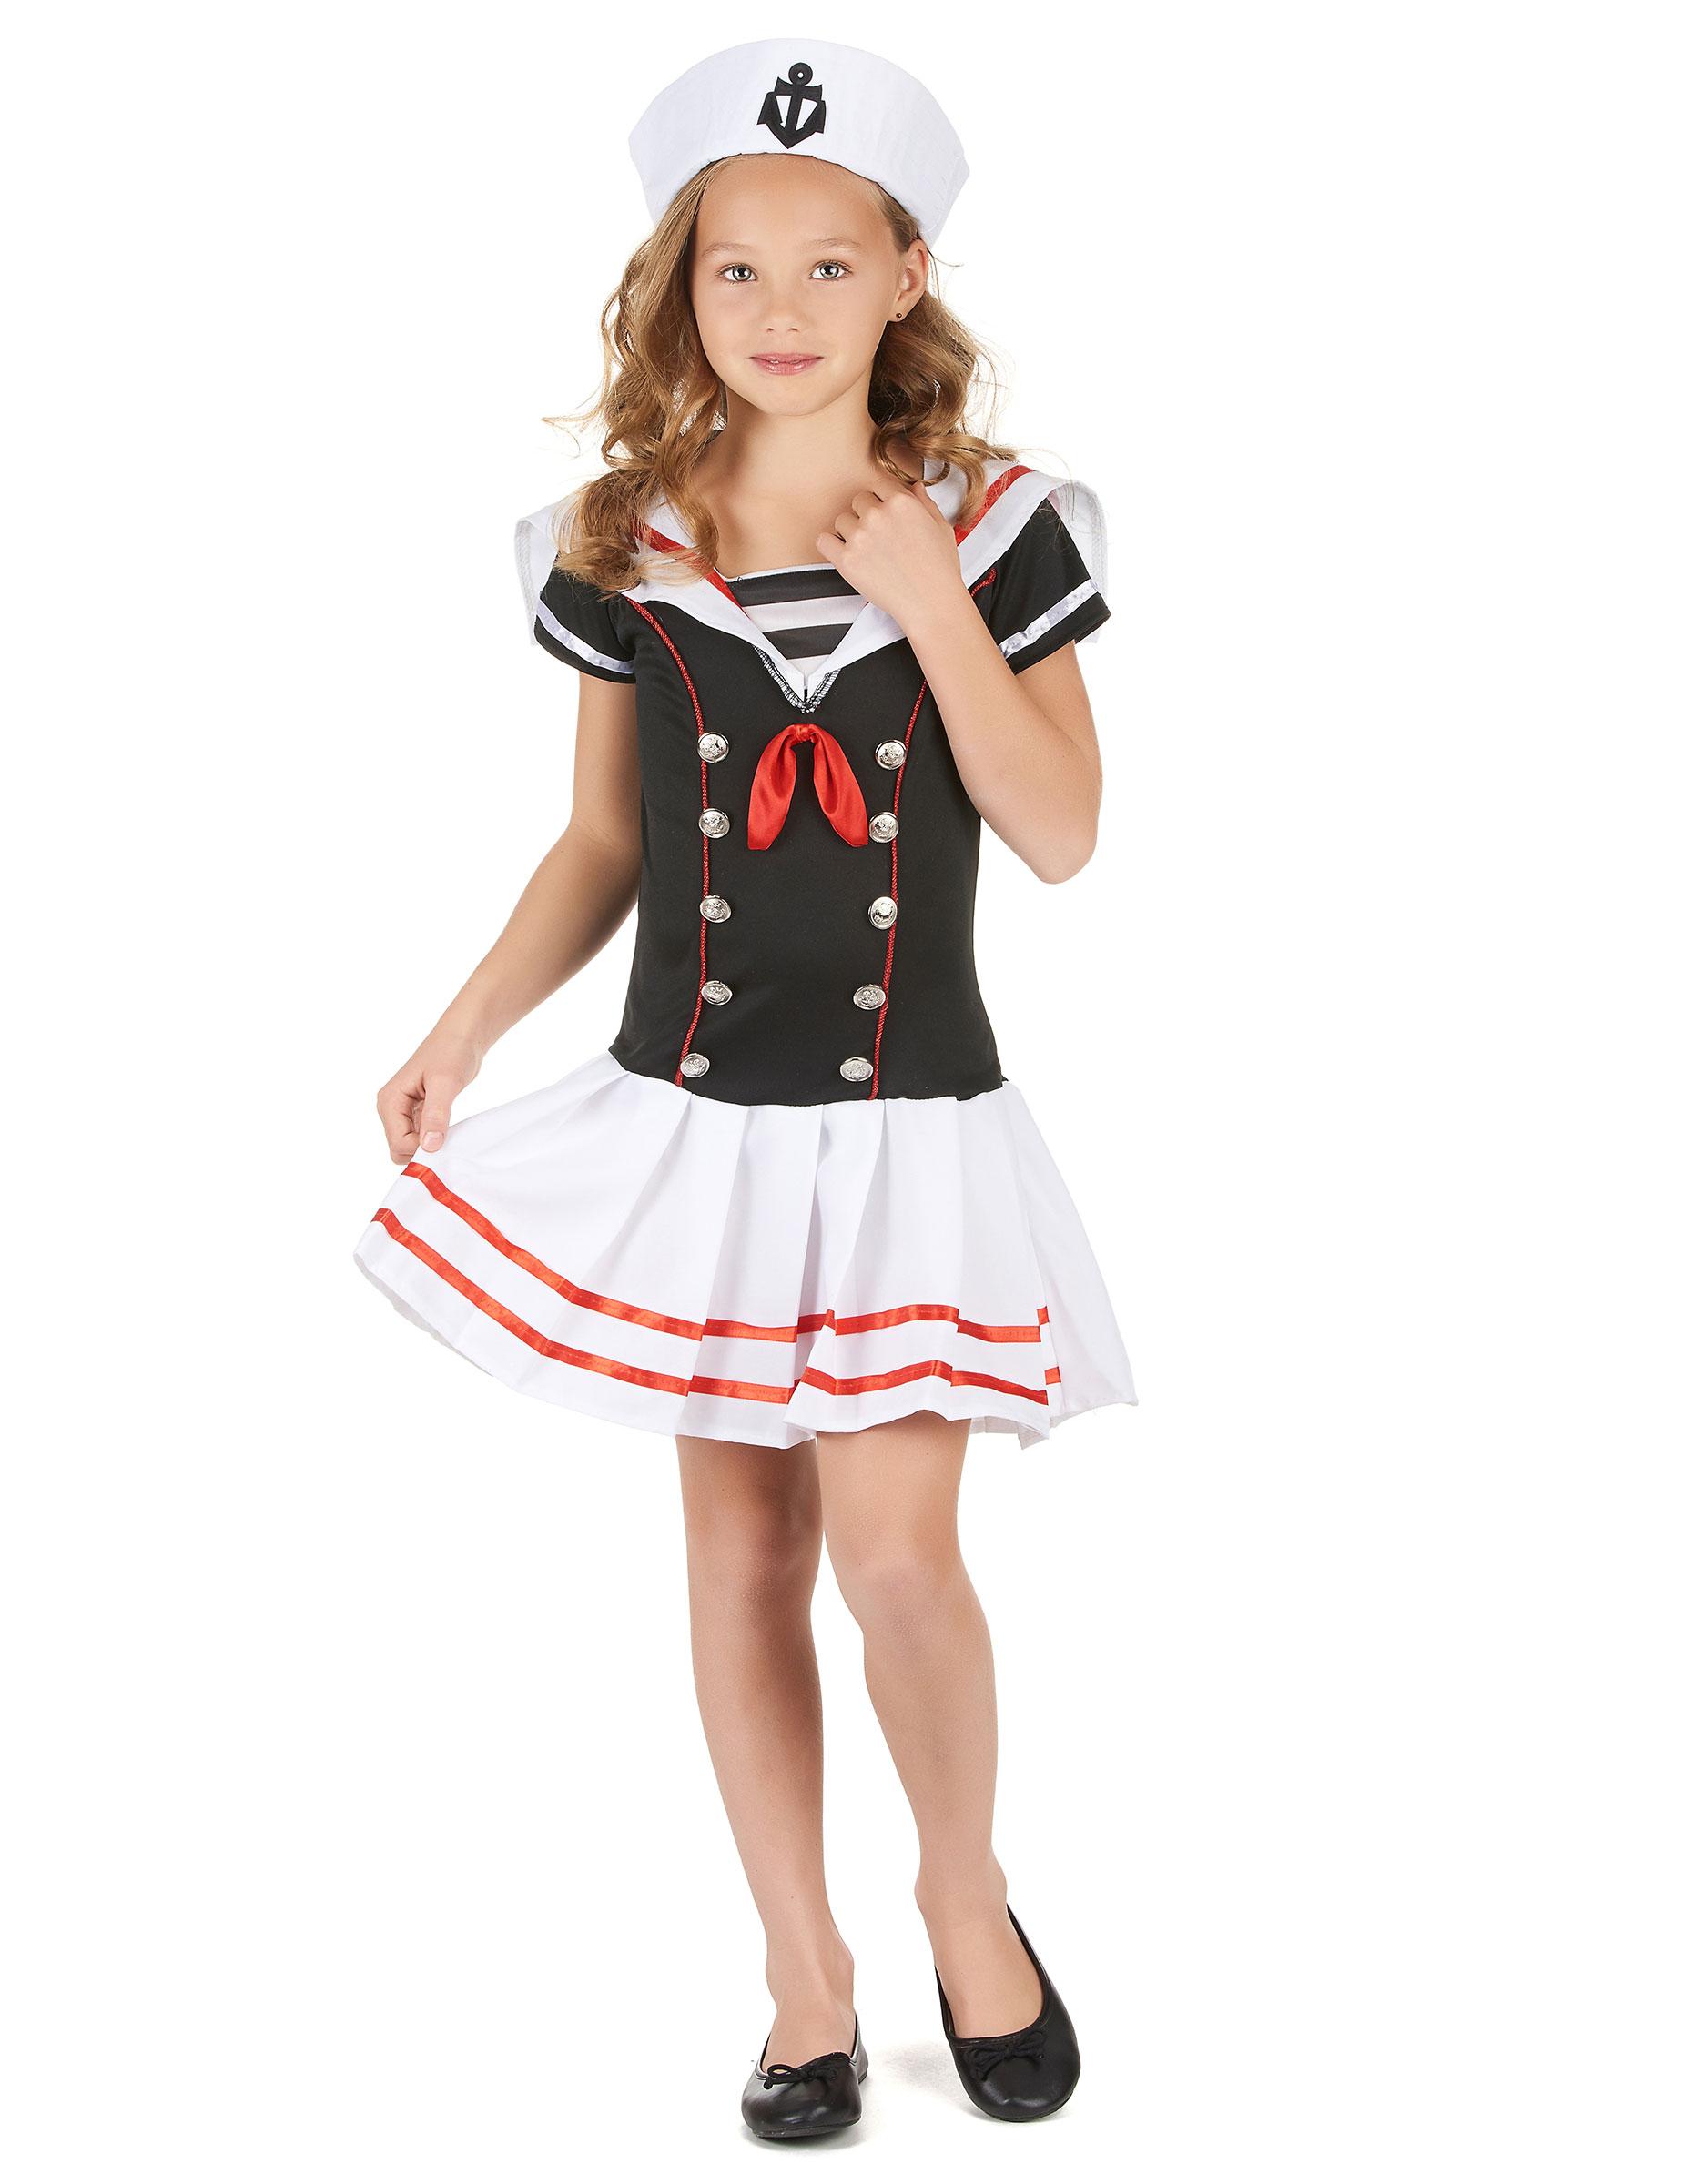 Disfraz de marinero - Disfraz marinera casero ...